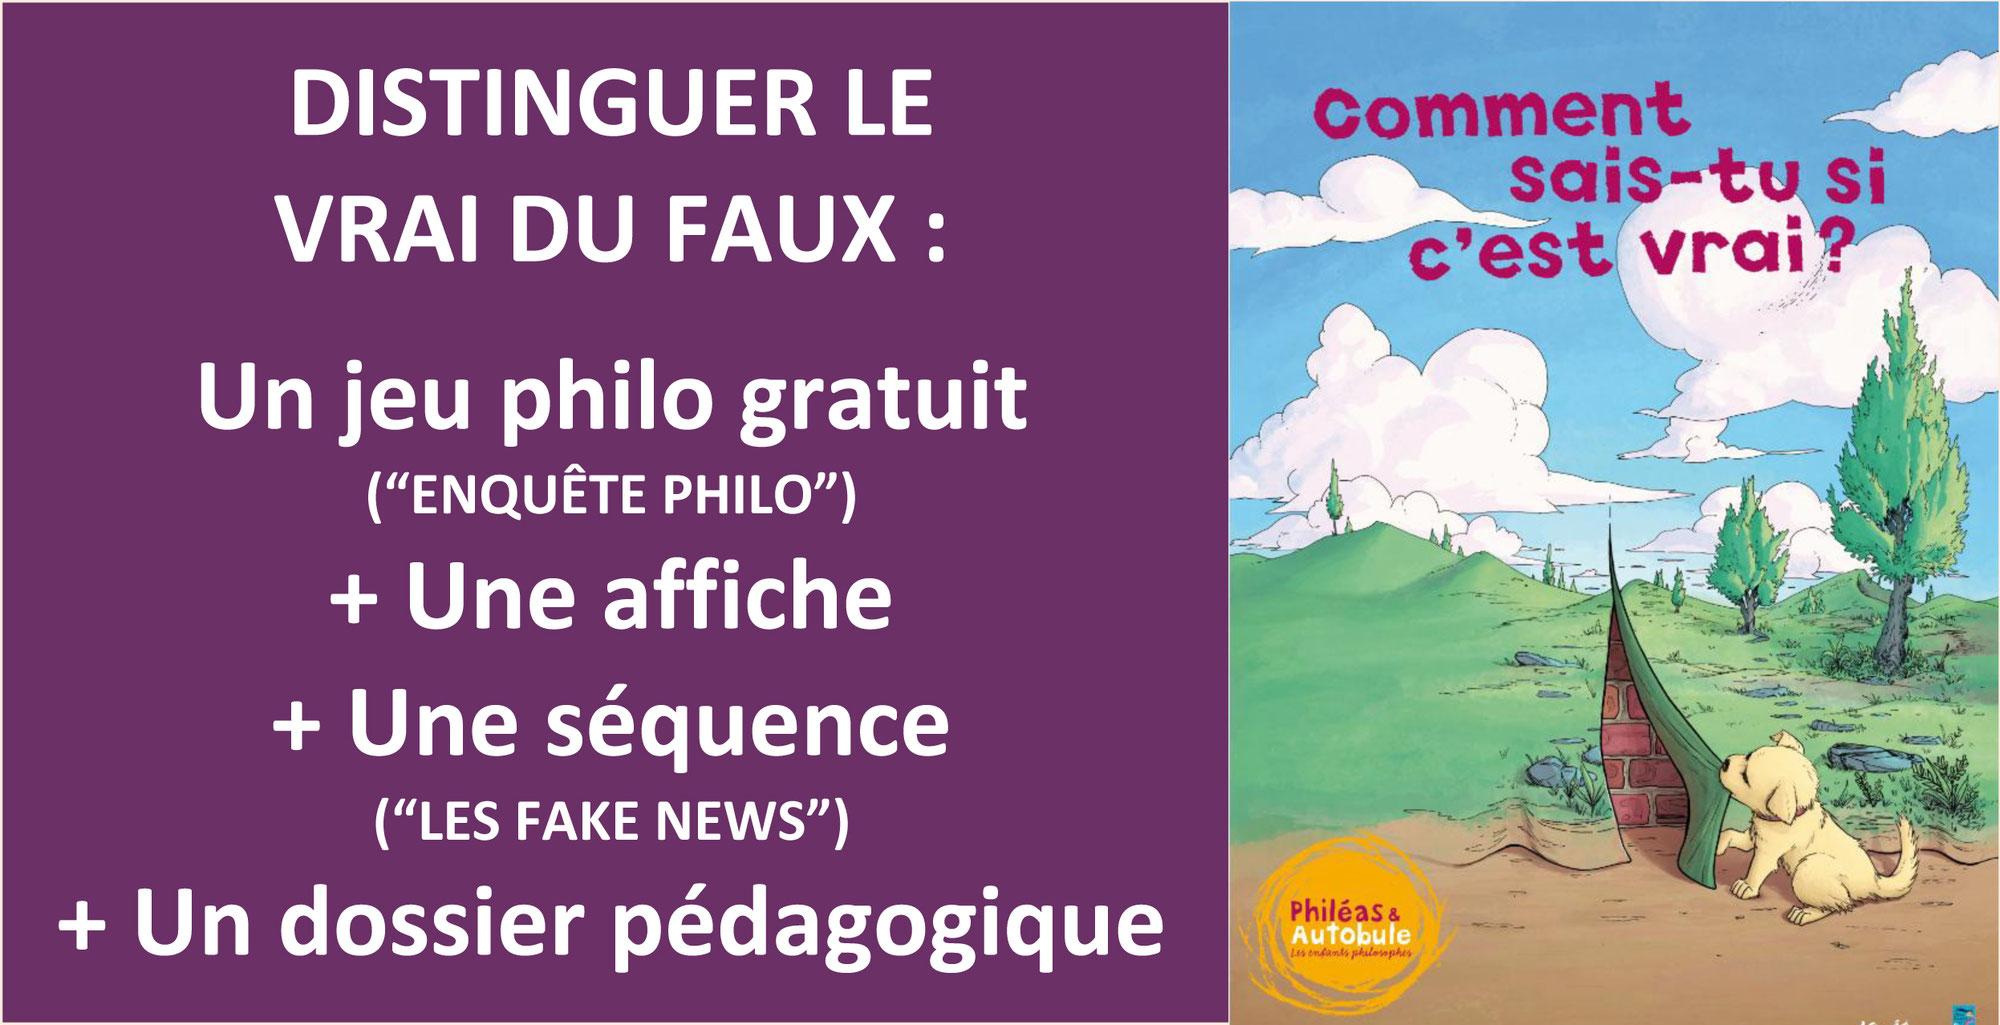 JEU PHILO GRATUIT pour distinguer le vrai du faux + un dossier péda (Philéas et Autobule)